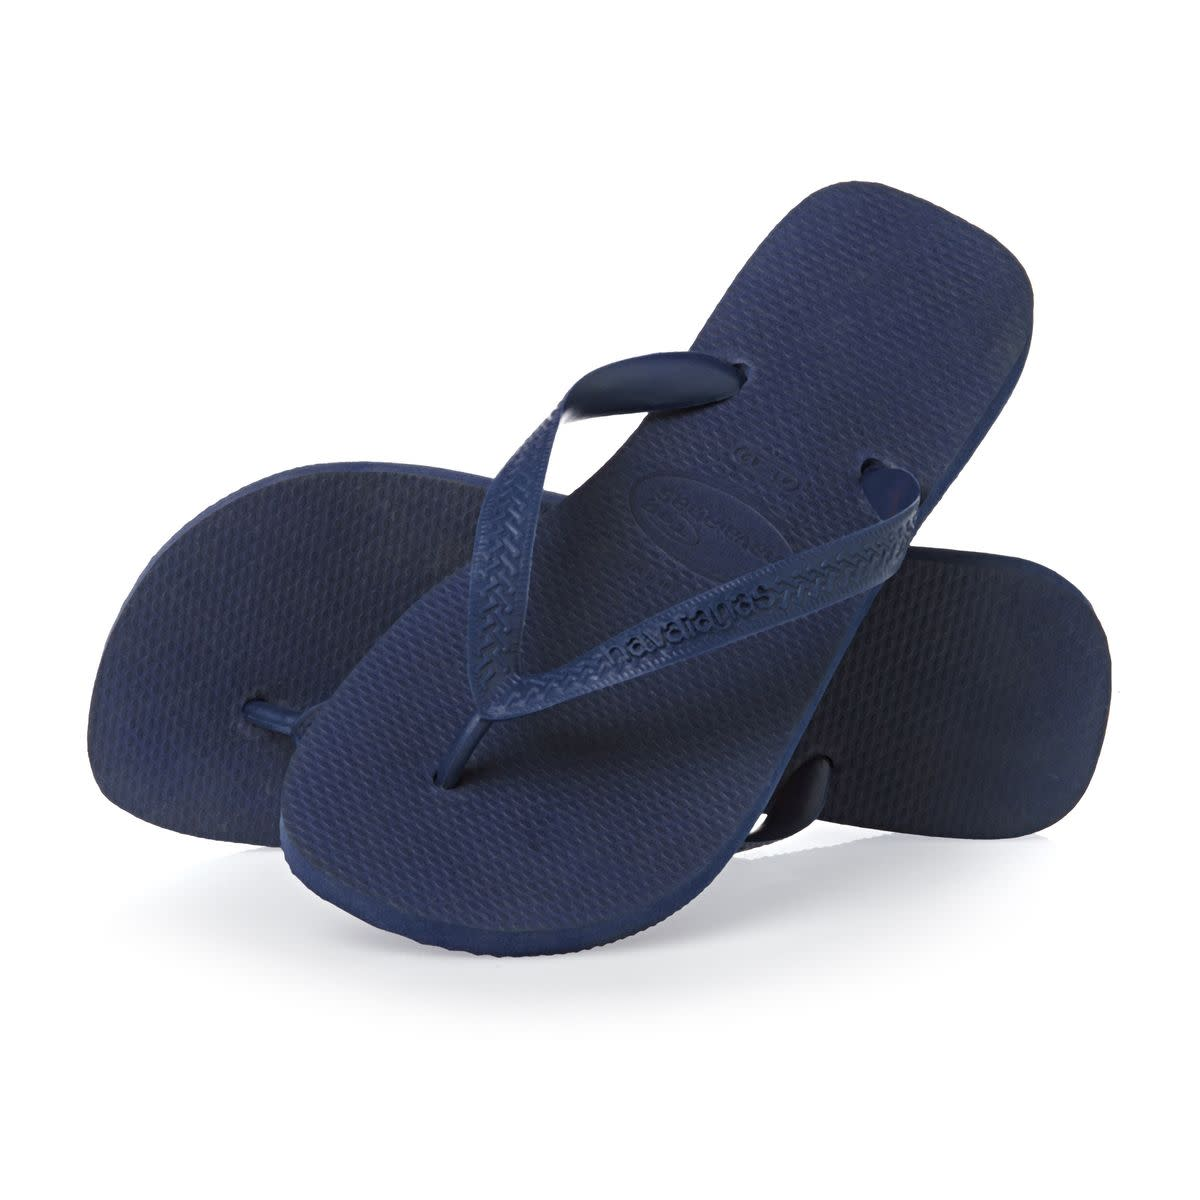 havaianas-flip-flops-havaianas-top-flip-flops-navy-blue